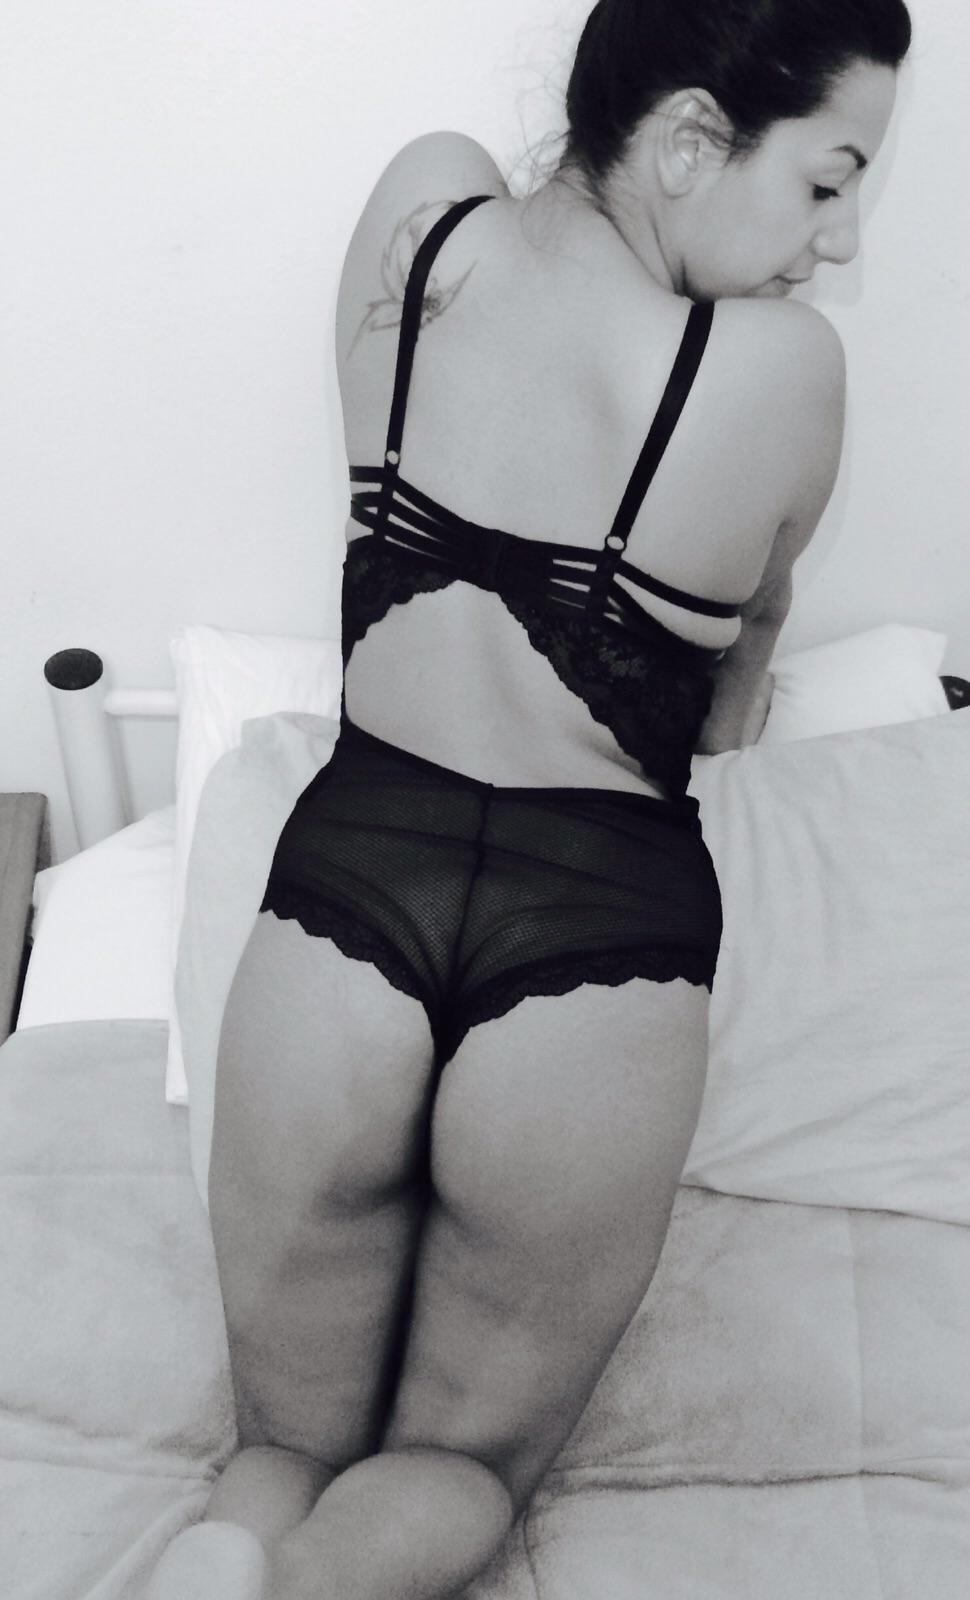 porn italiano gratis valeria nappi porno